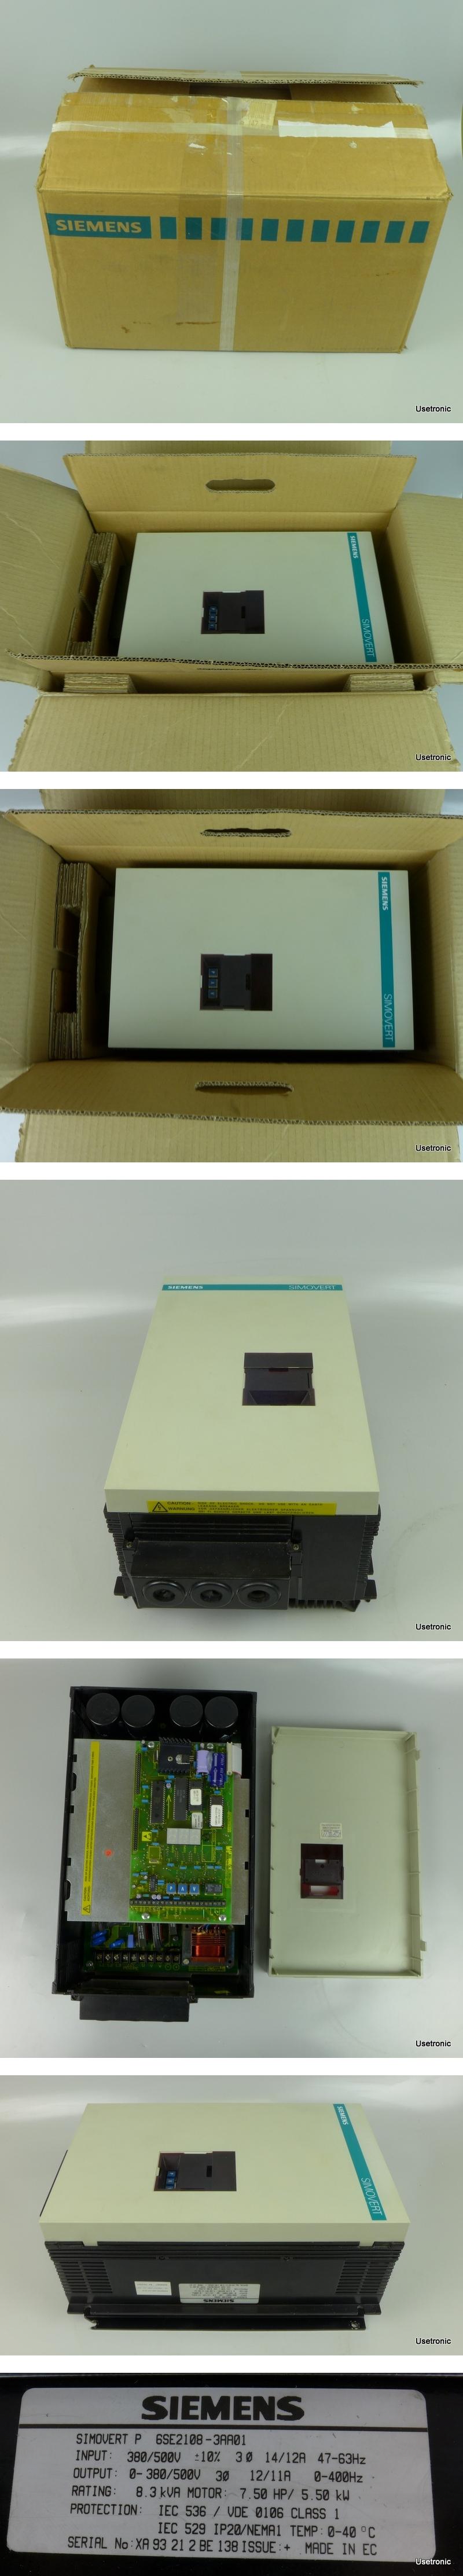 Siemens 6SE2108-3AA01